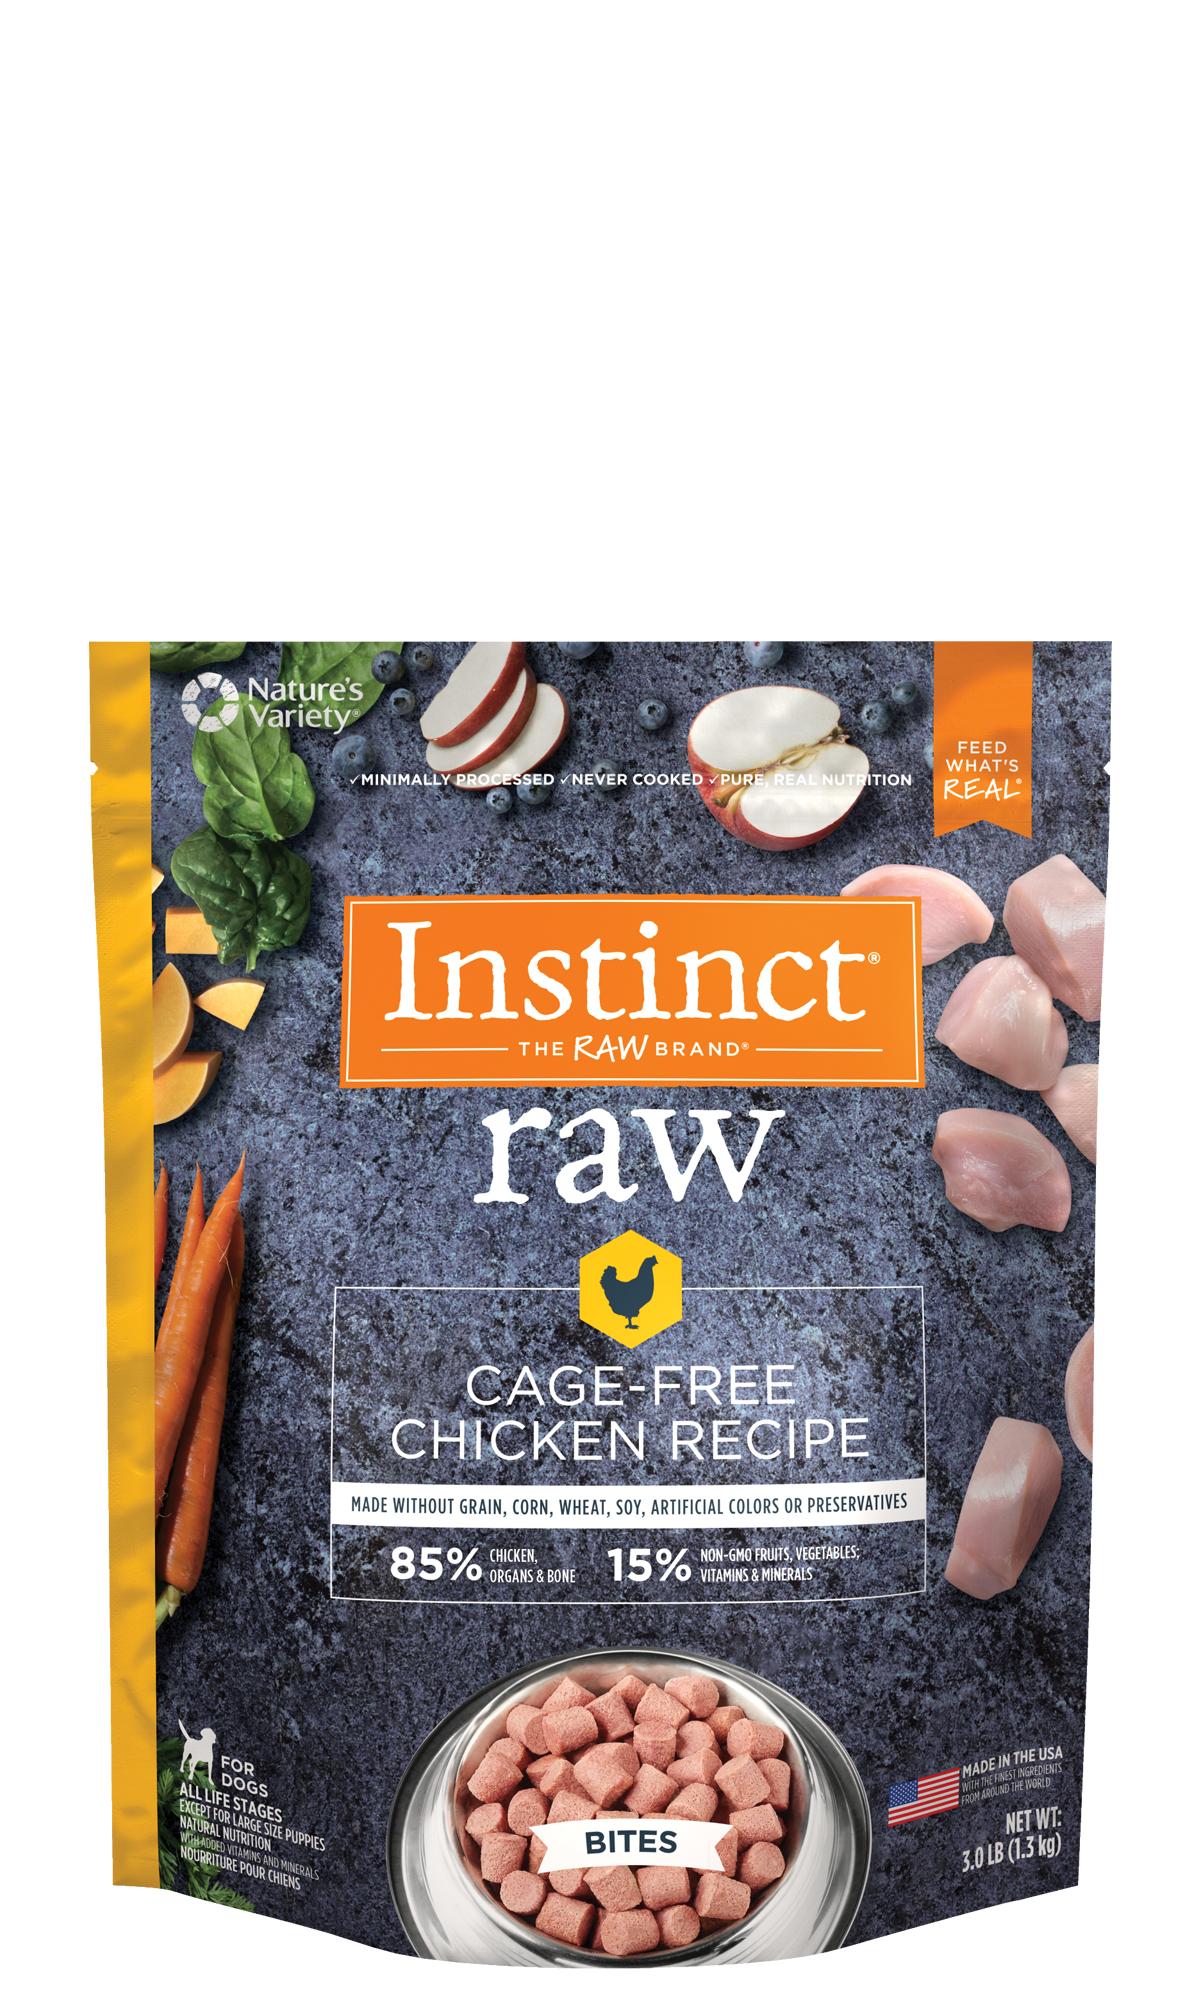 Instinct by Nature's Variety Raw Grain-Free Chicken Bites Raw Frozen Dog Food Image